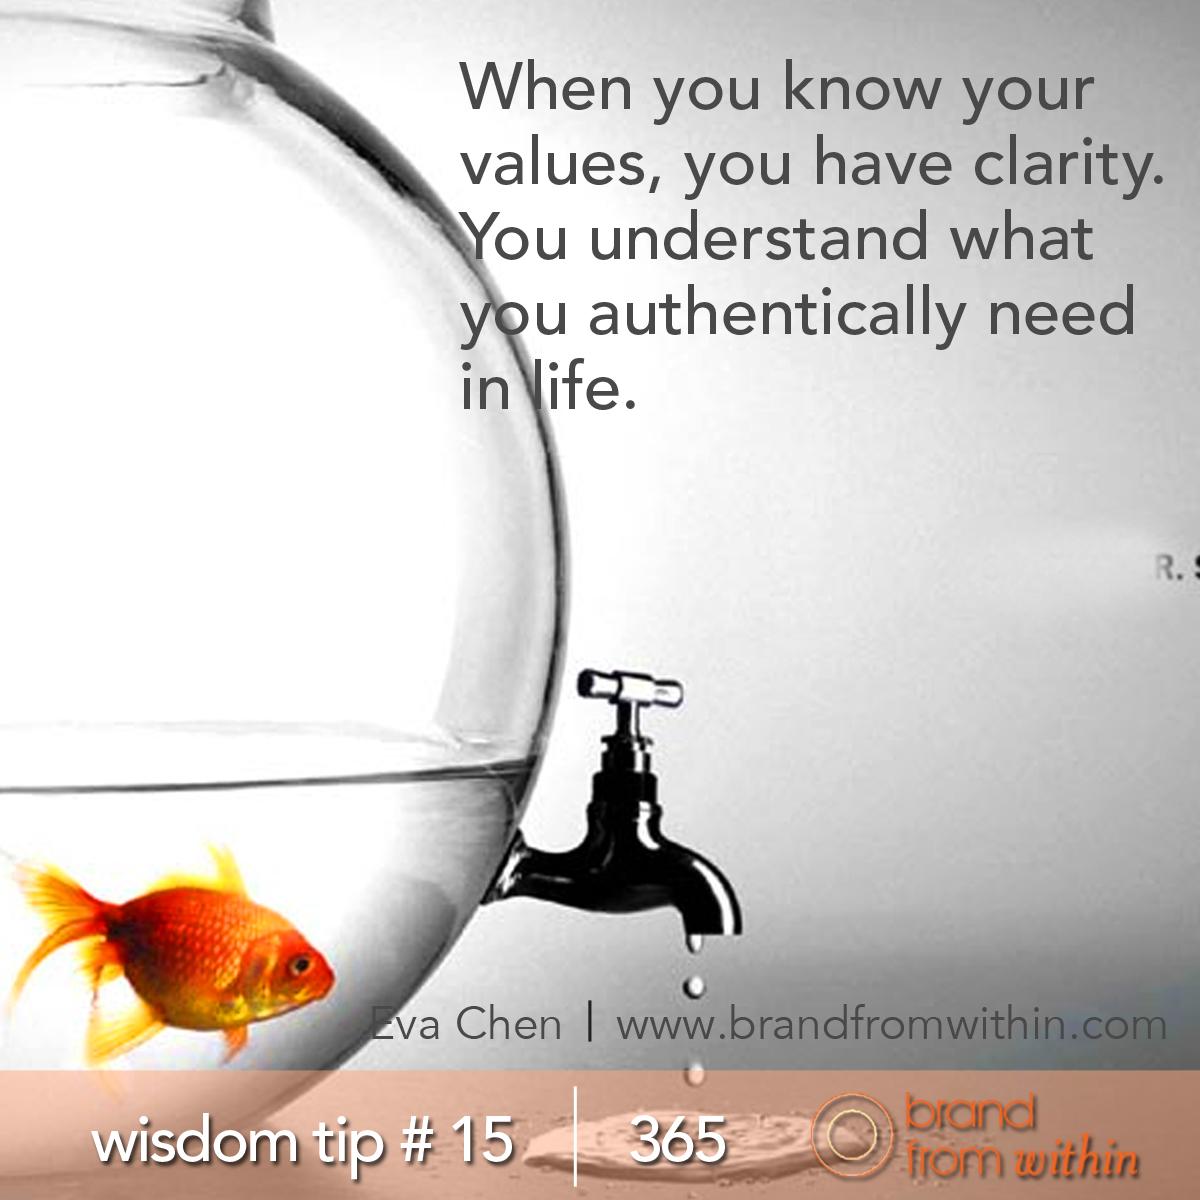 DAY 15 WISDOM TIP